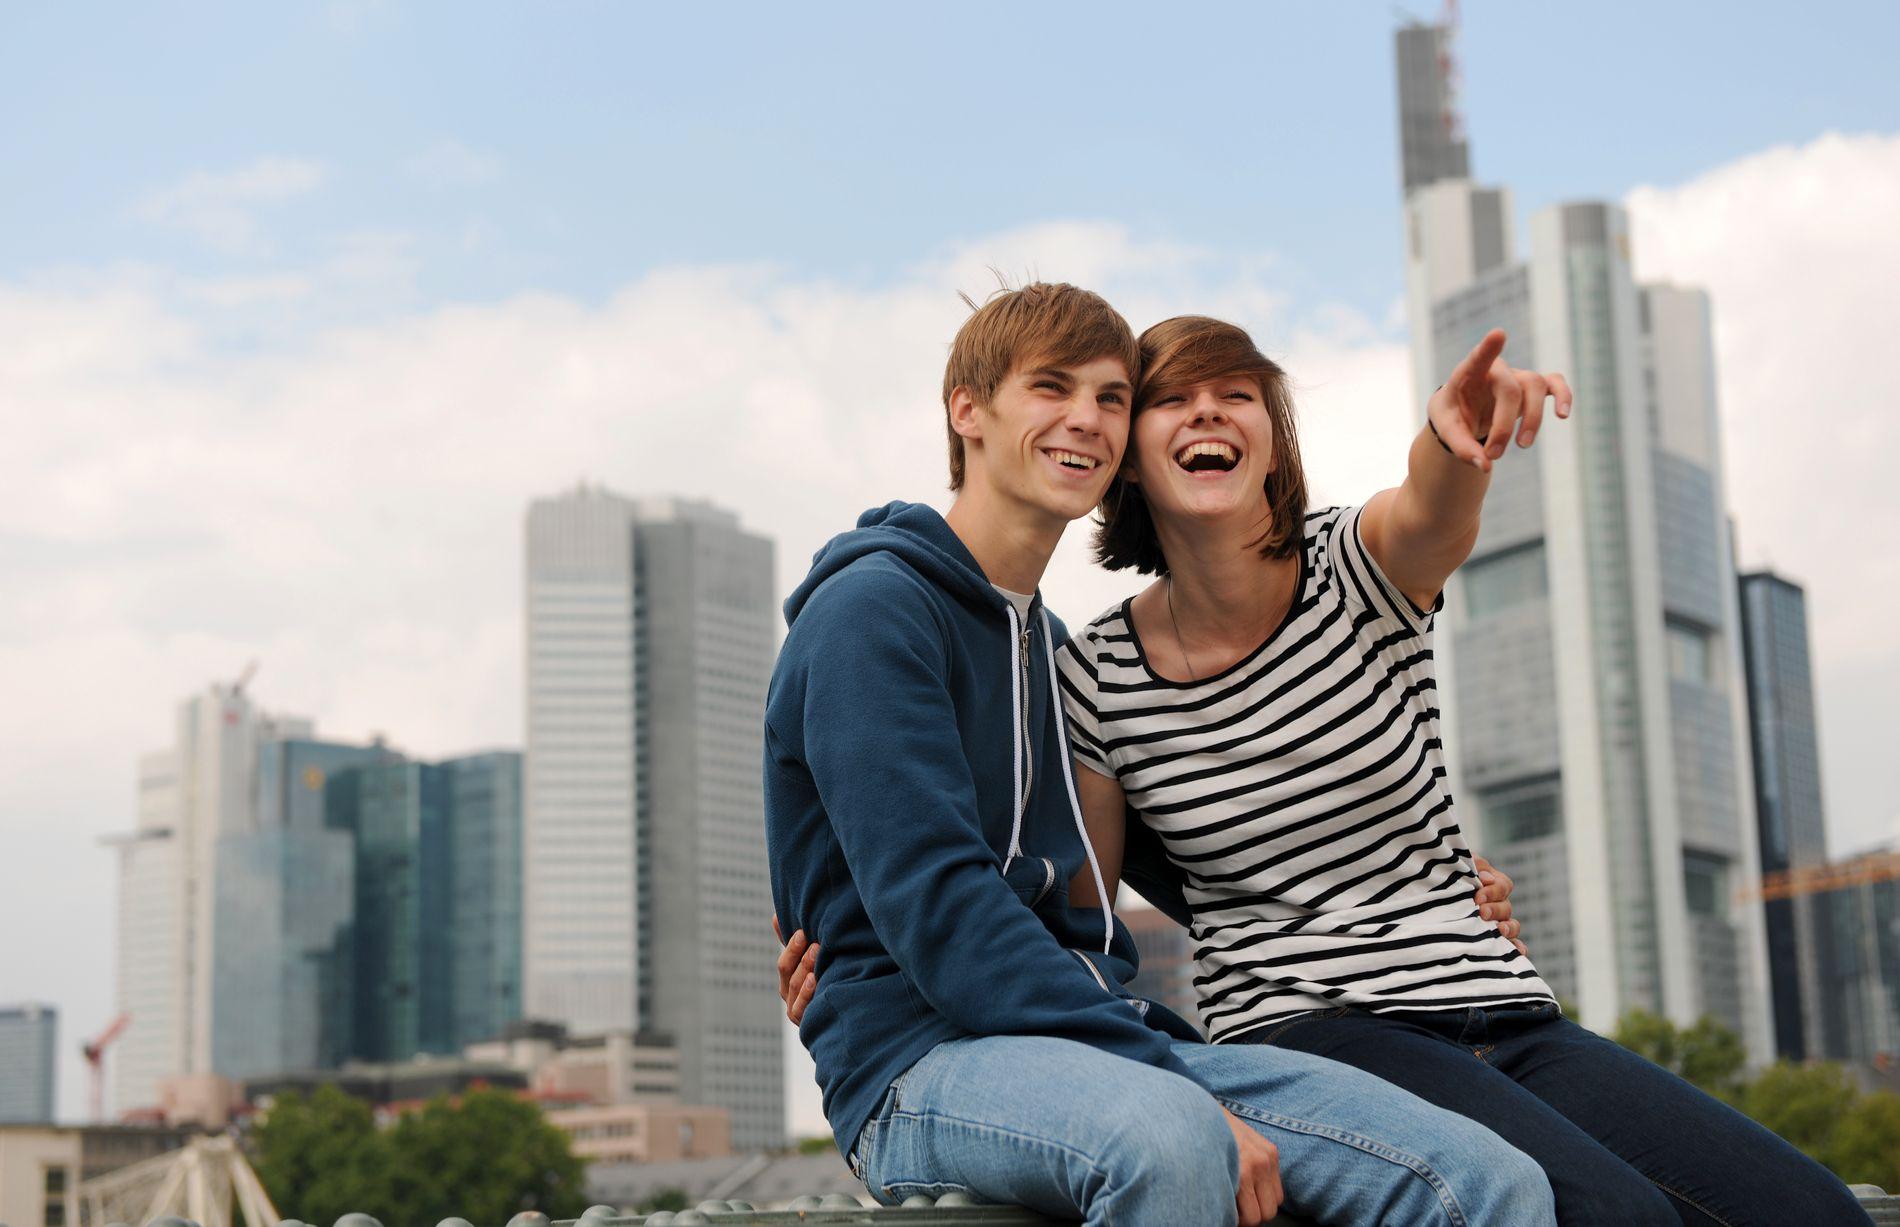 INGEN FASIT: Det finnes ikke en fasit på hvordan den første daten blir vellykket, ifølge livsstilscoach Torkel Guttormsen. Men kanskje noen råd på veien kan bidra til å gjøre den vellykket.